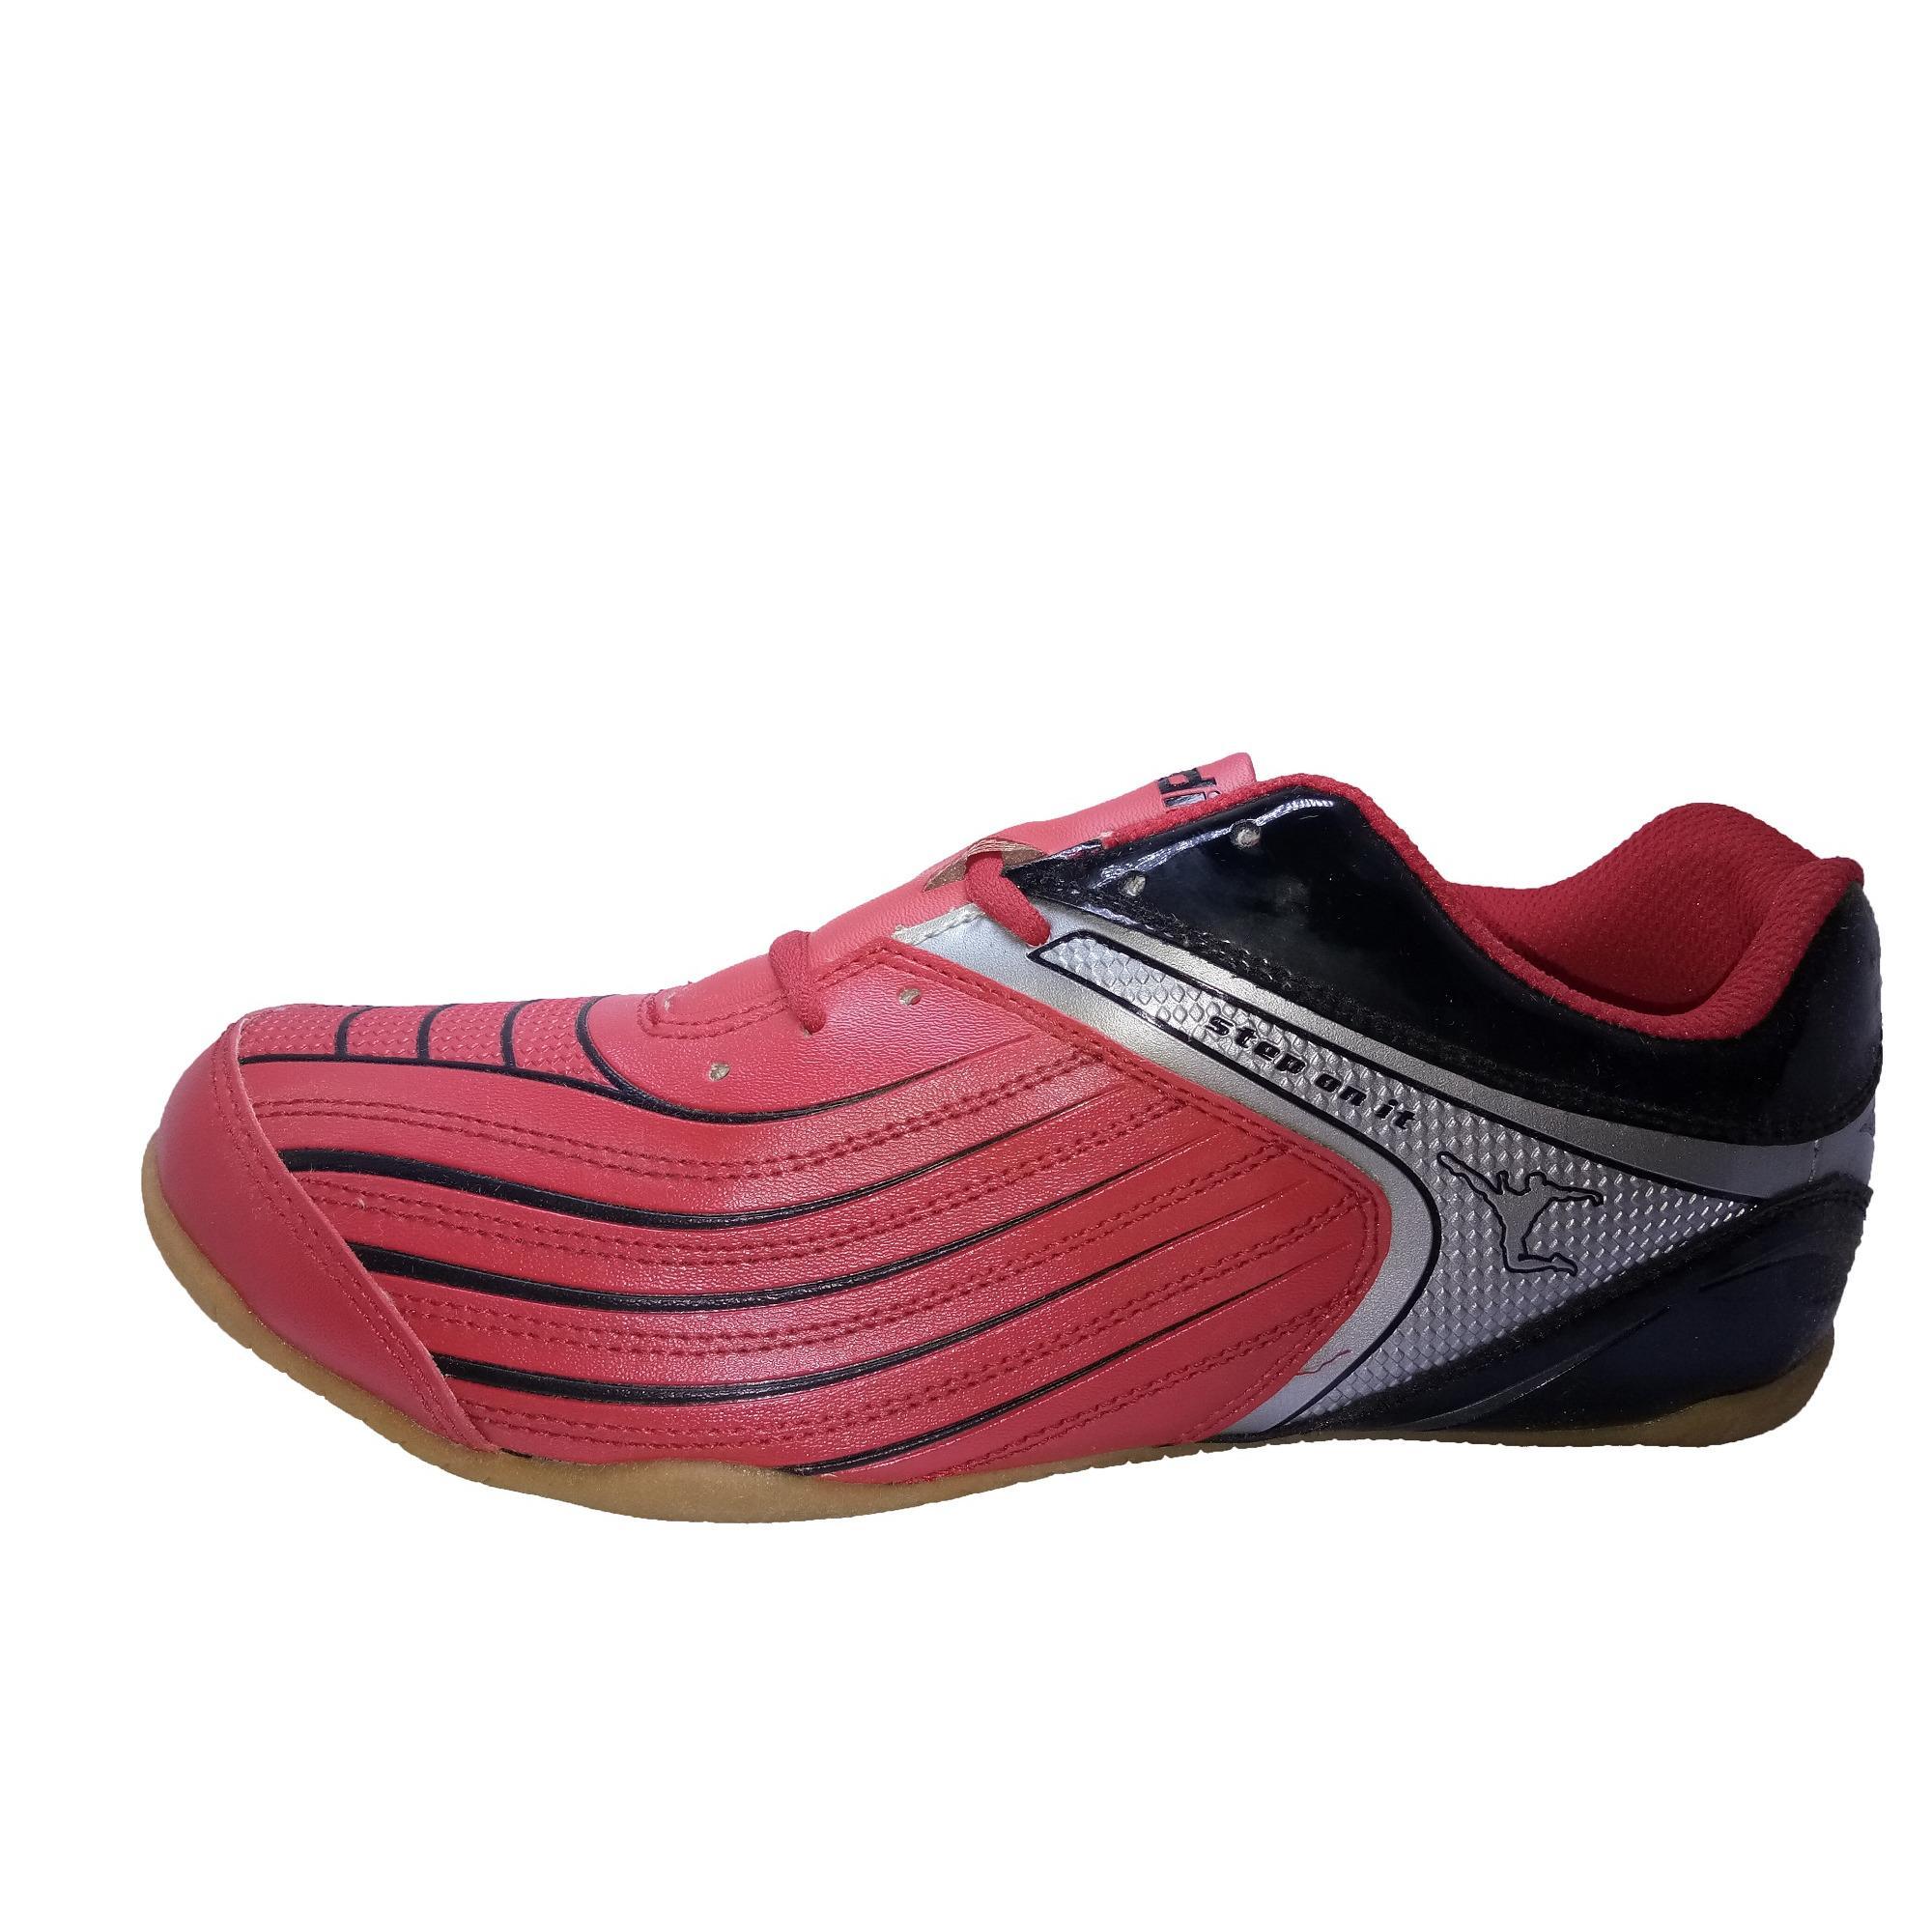 Sepatu Ardiles Futsal Indianapolis FL Black Red - Sepatu Futsal - Sepatu  Olahraga - Sepatu Running 975d306e98